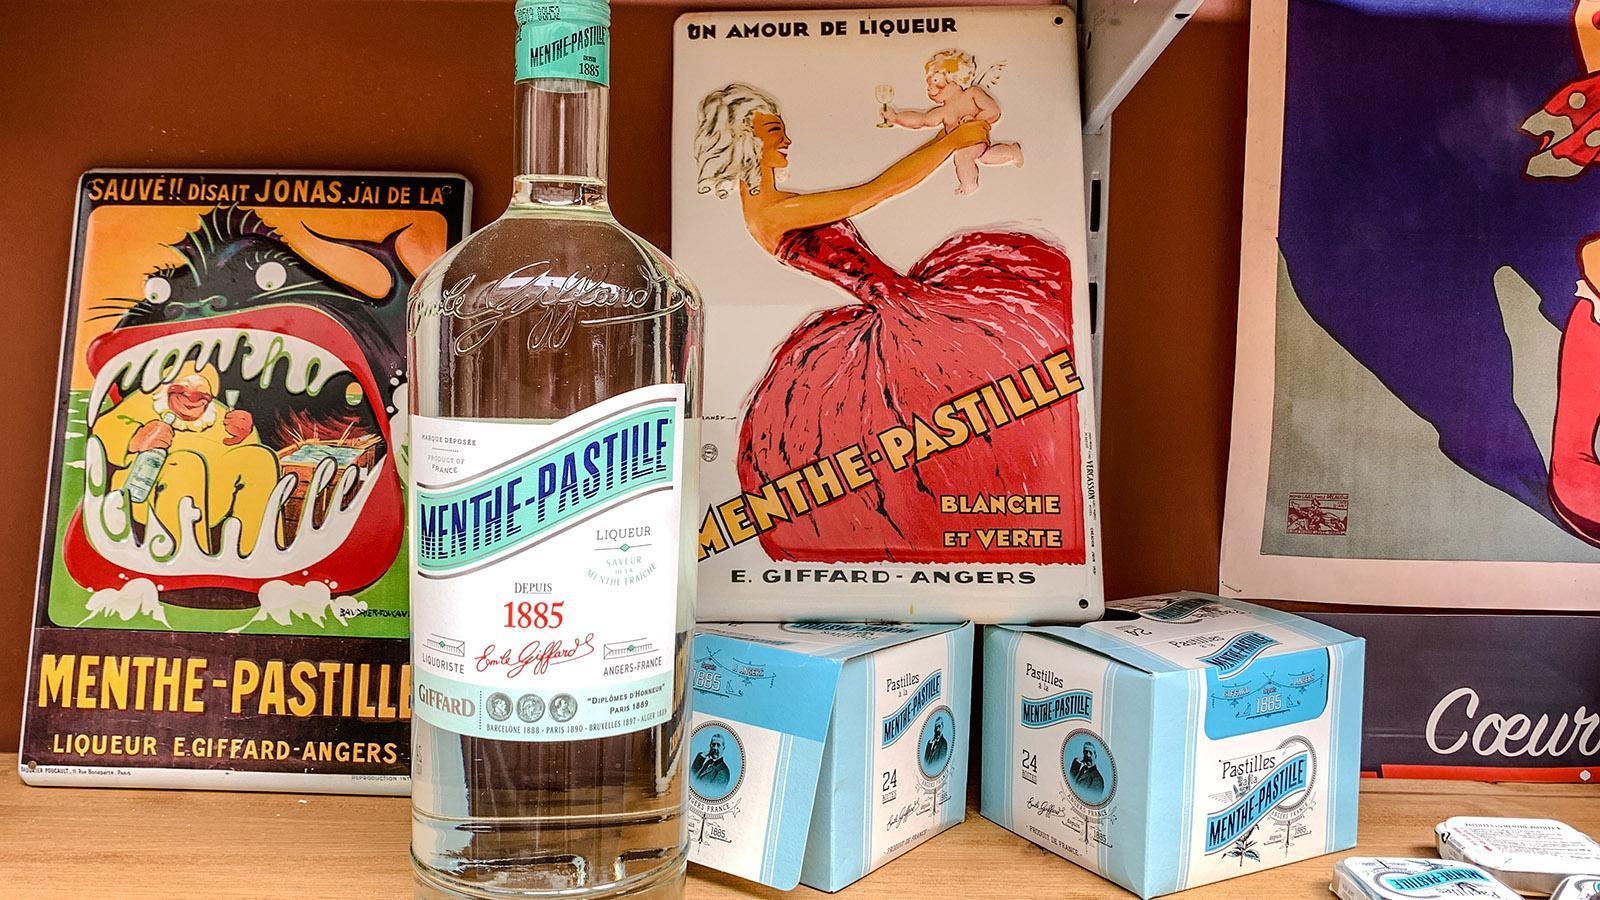 Ein weiterer kulinarischer Botschafter aus Angers: Menthe-Pastille als Likör und Lutschpastille. Foto: Hilke Maunder